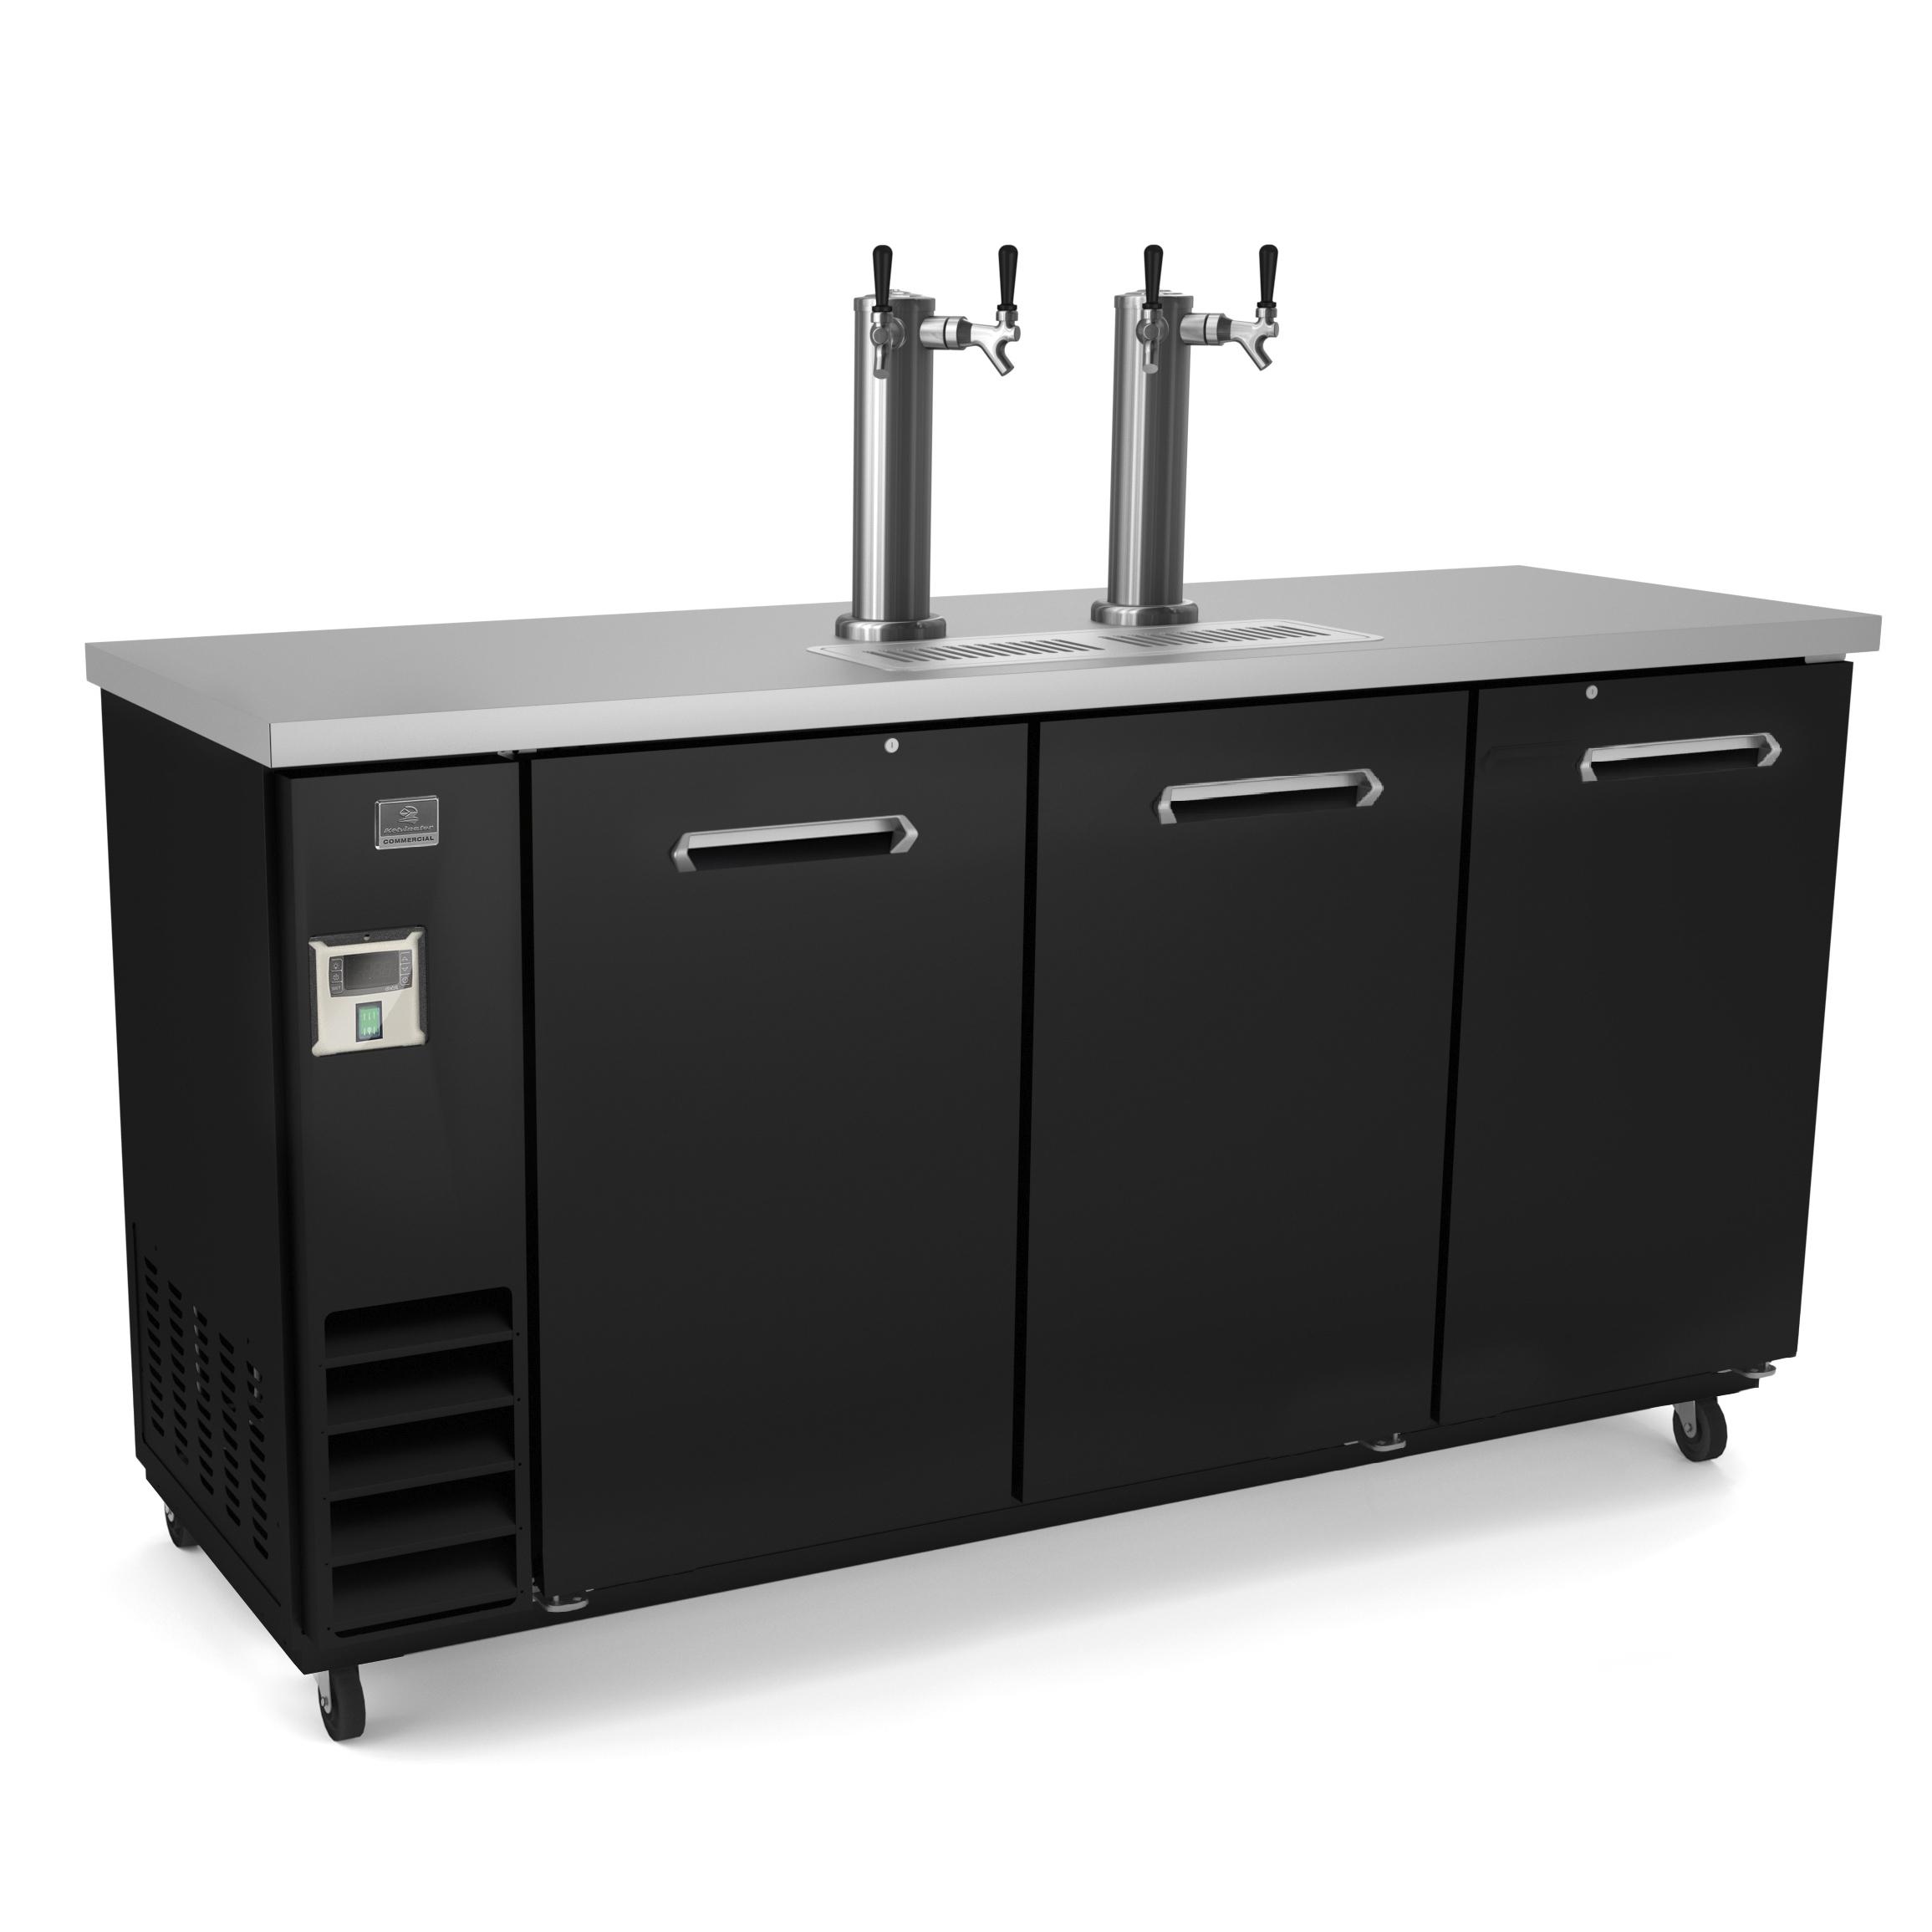 Kelvinator Commercial KCHBBD3D2T draft beer cooler